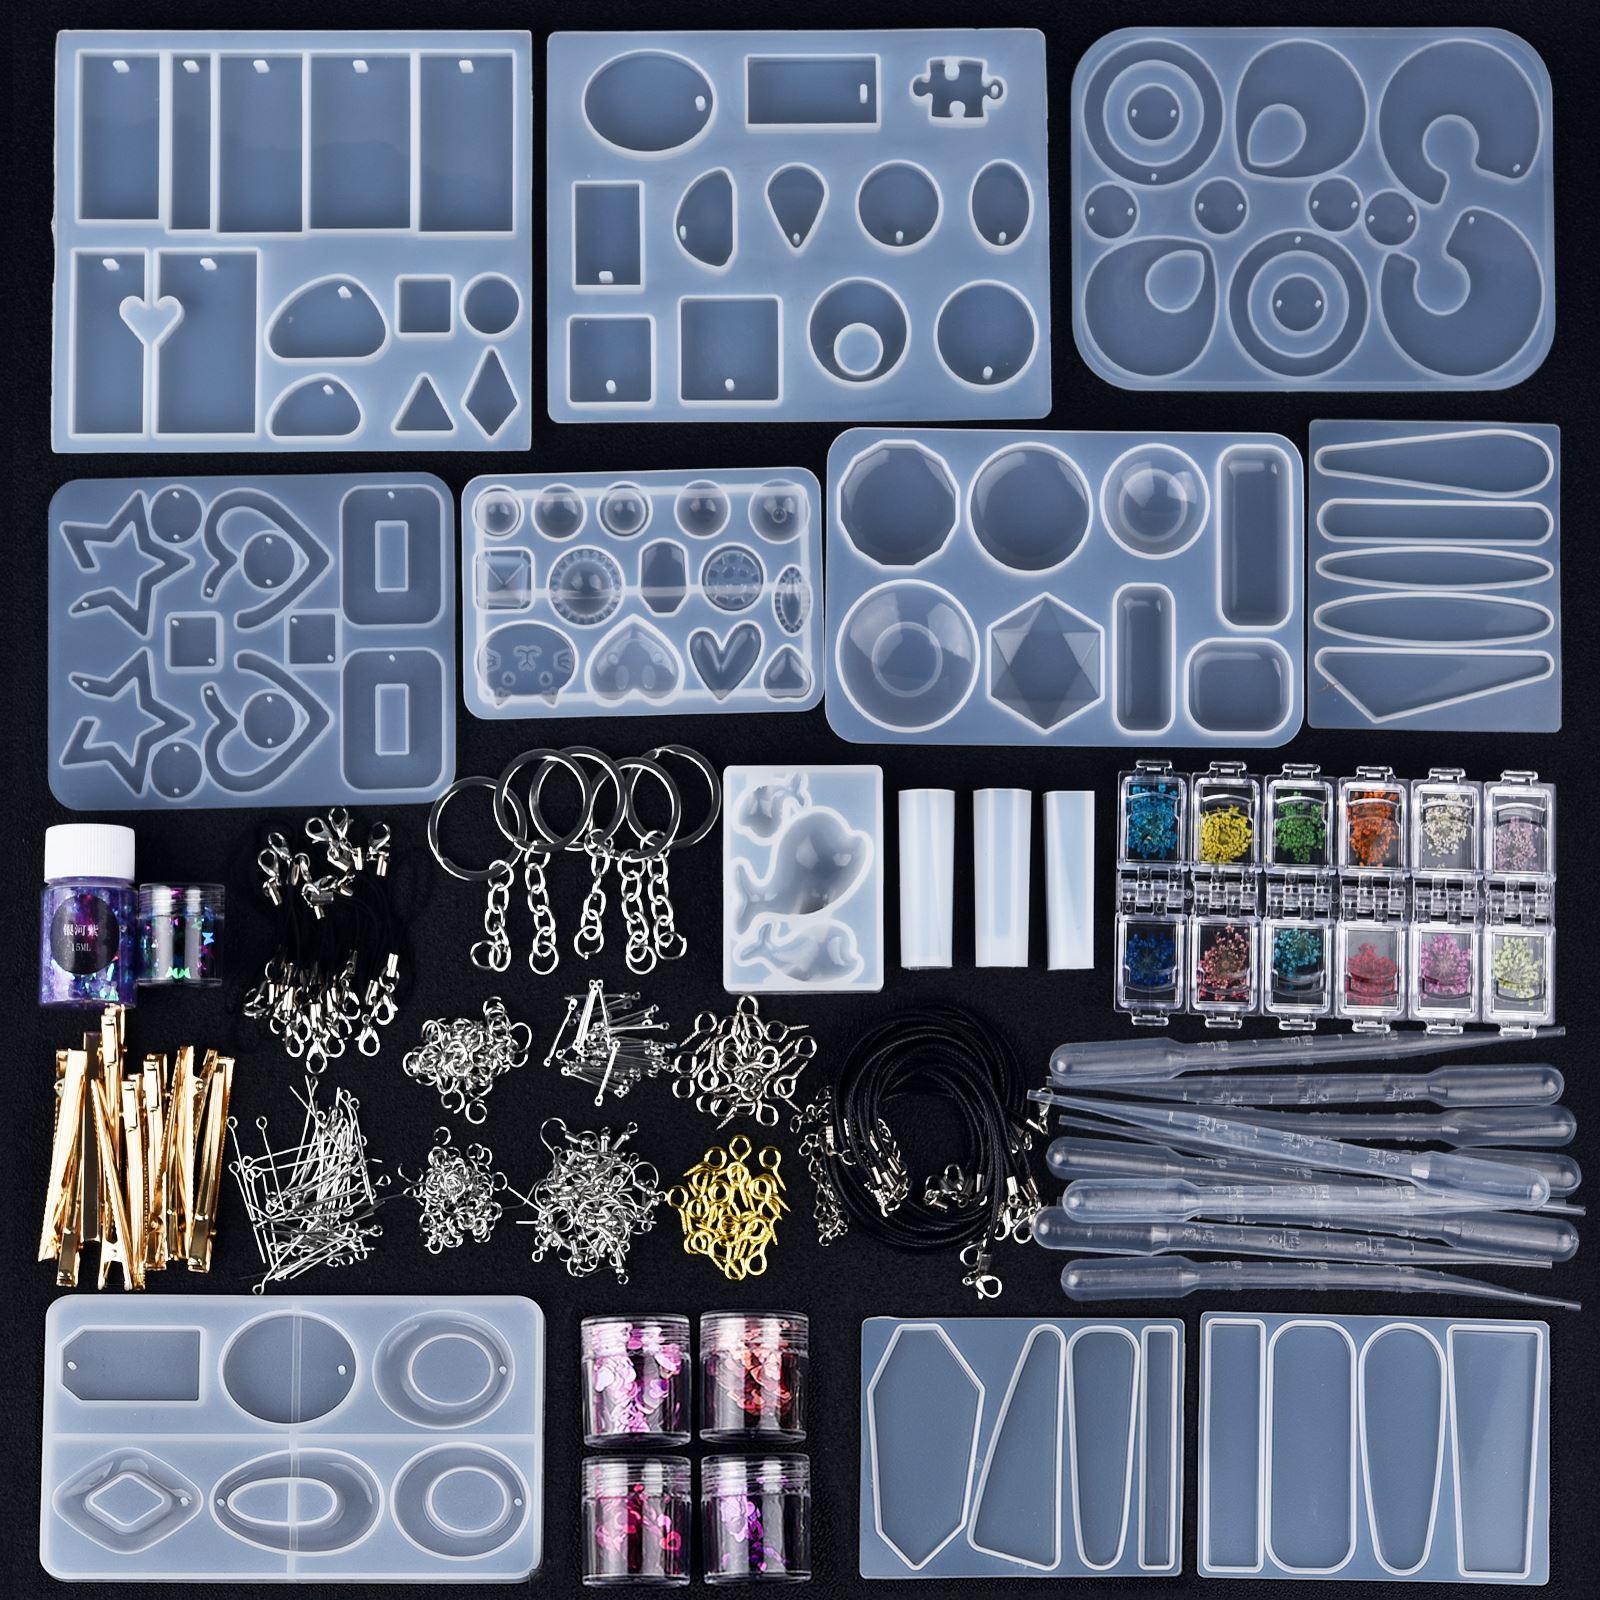 Kits de Moldes de resina epoxi de joyería de estilo mixto para fabricación de joyería DIY, pendientes, colgante de horquilla, accesorios de Resina de silicona UV